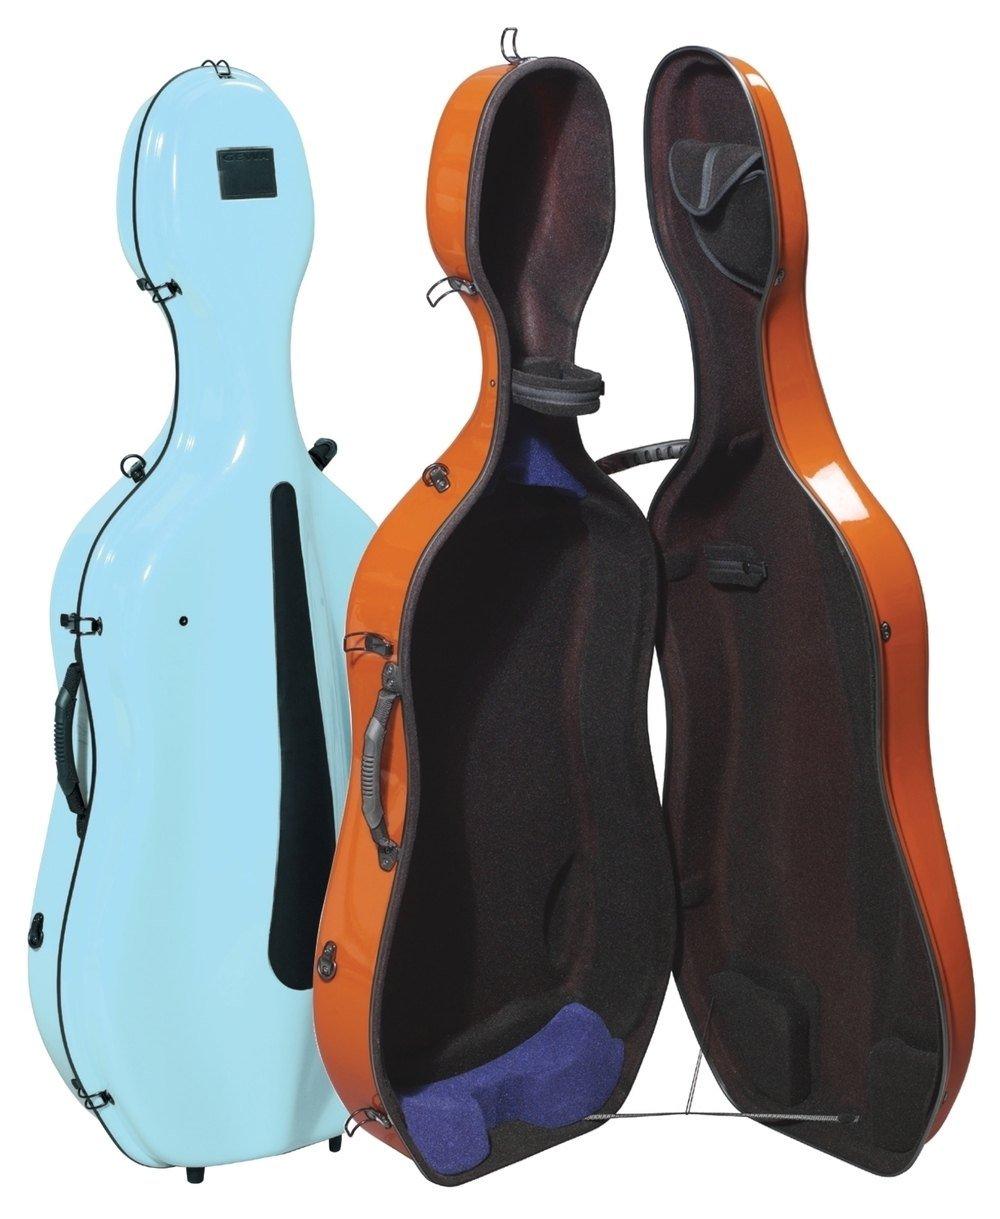 Gewa Estuche para Violonchelo, Idea Colores Pastel Evolution 4.9 - Azul claro/Antracita: Amazon.es: Instrumentos musicales